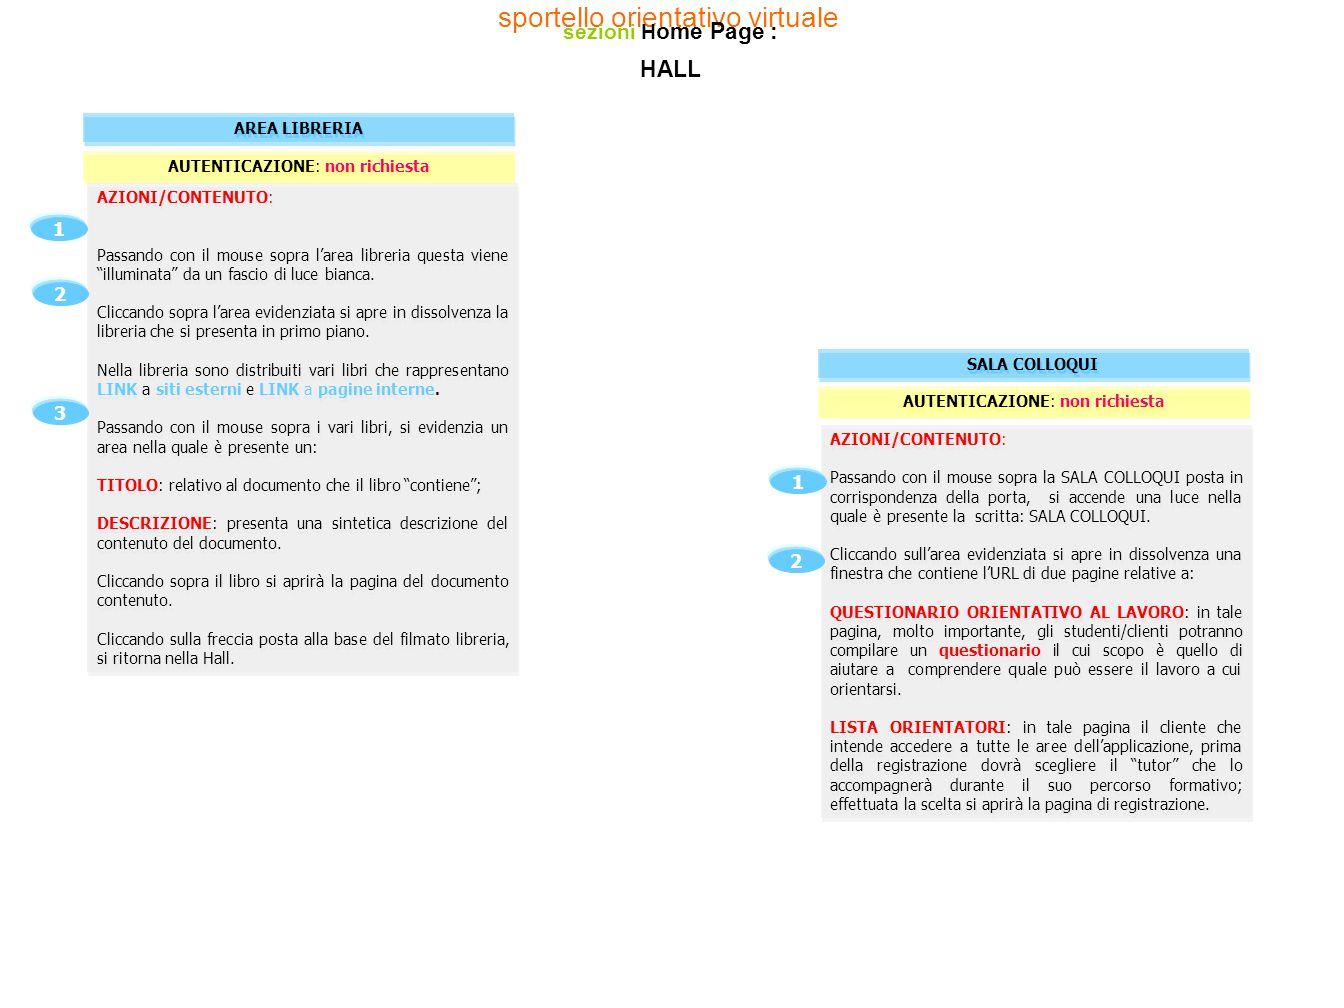 sportello orientativo virtuale sezioni H ome Page : HALL MAPPA SITO 1 2 3 4 5 6 Pulsante di accensione Vai alla pagina 7